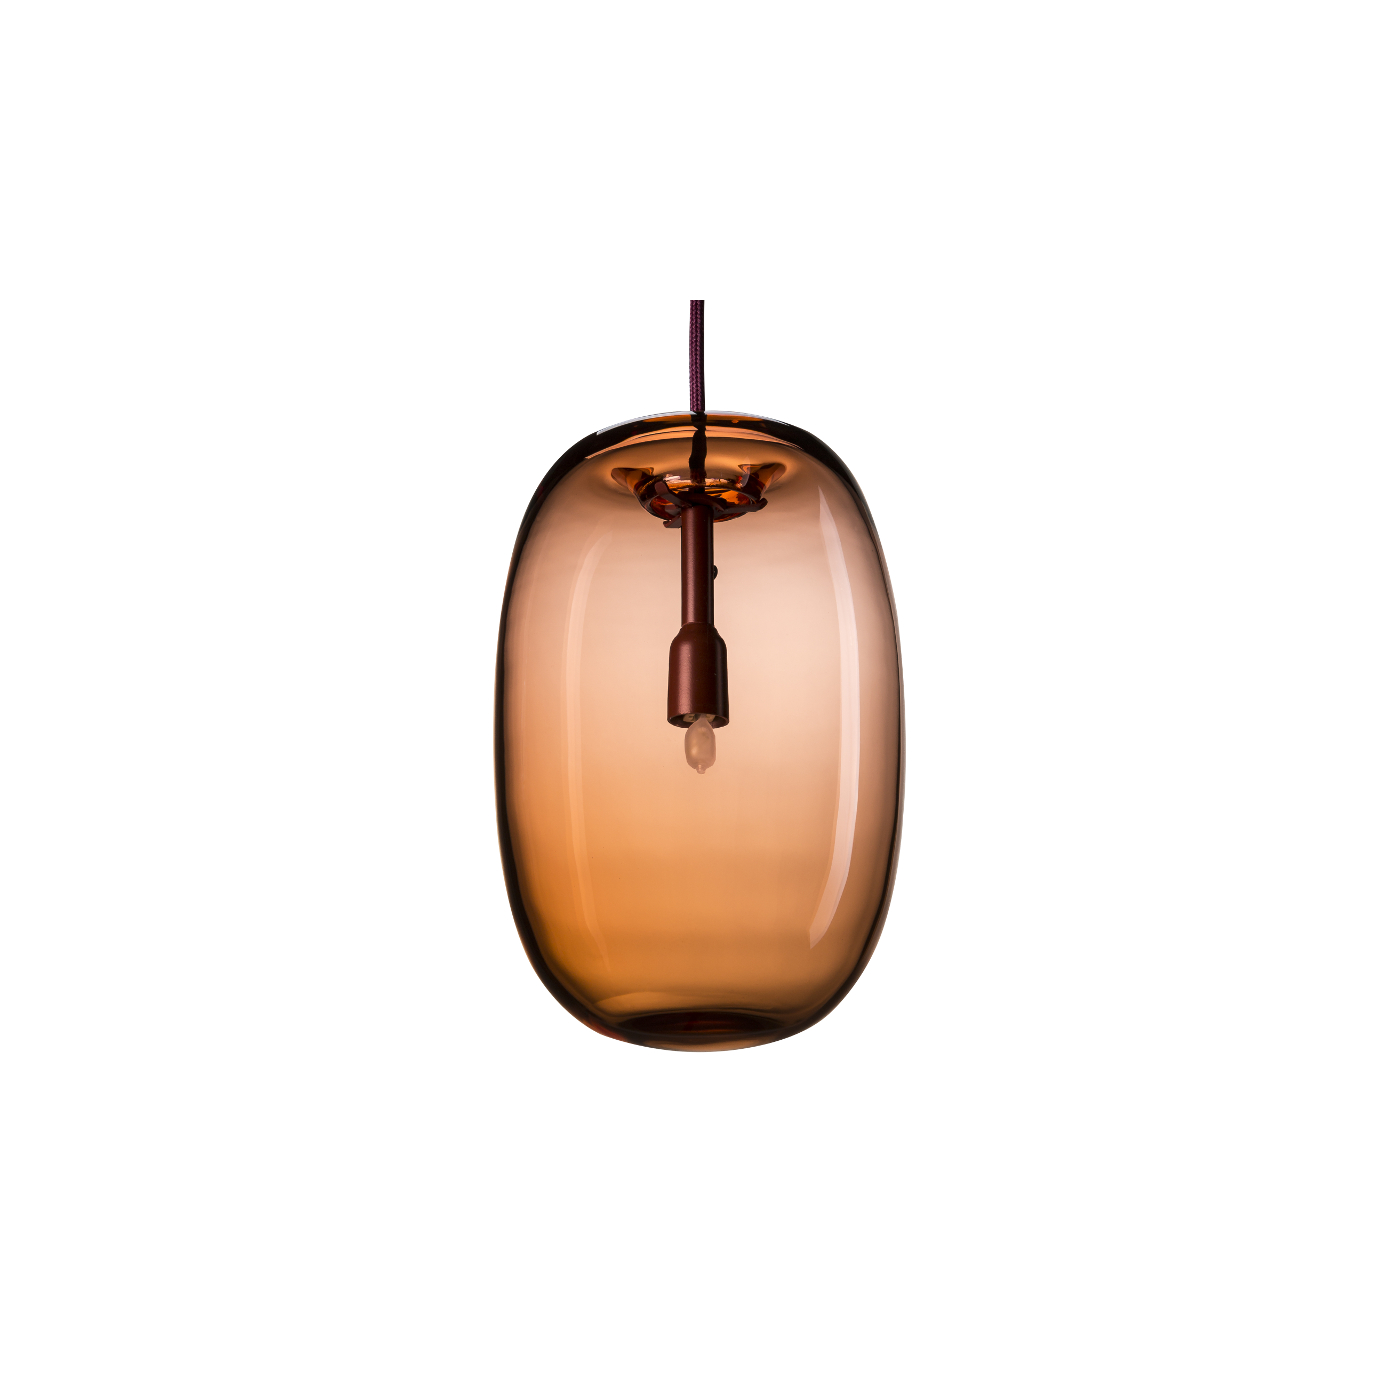 Taklampa PEBBLE Långsträckt oxblod glas, Örsjö belysning